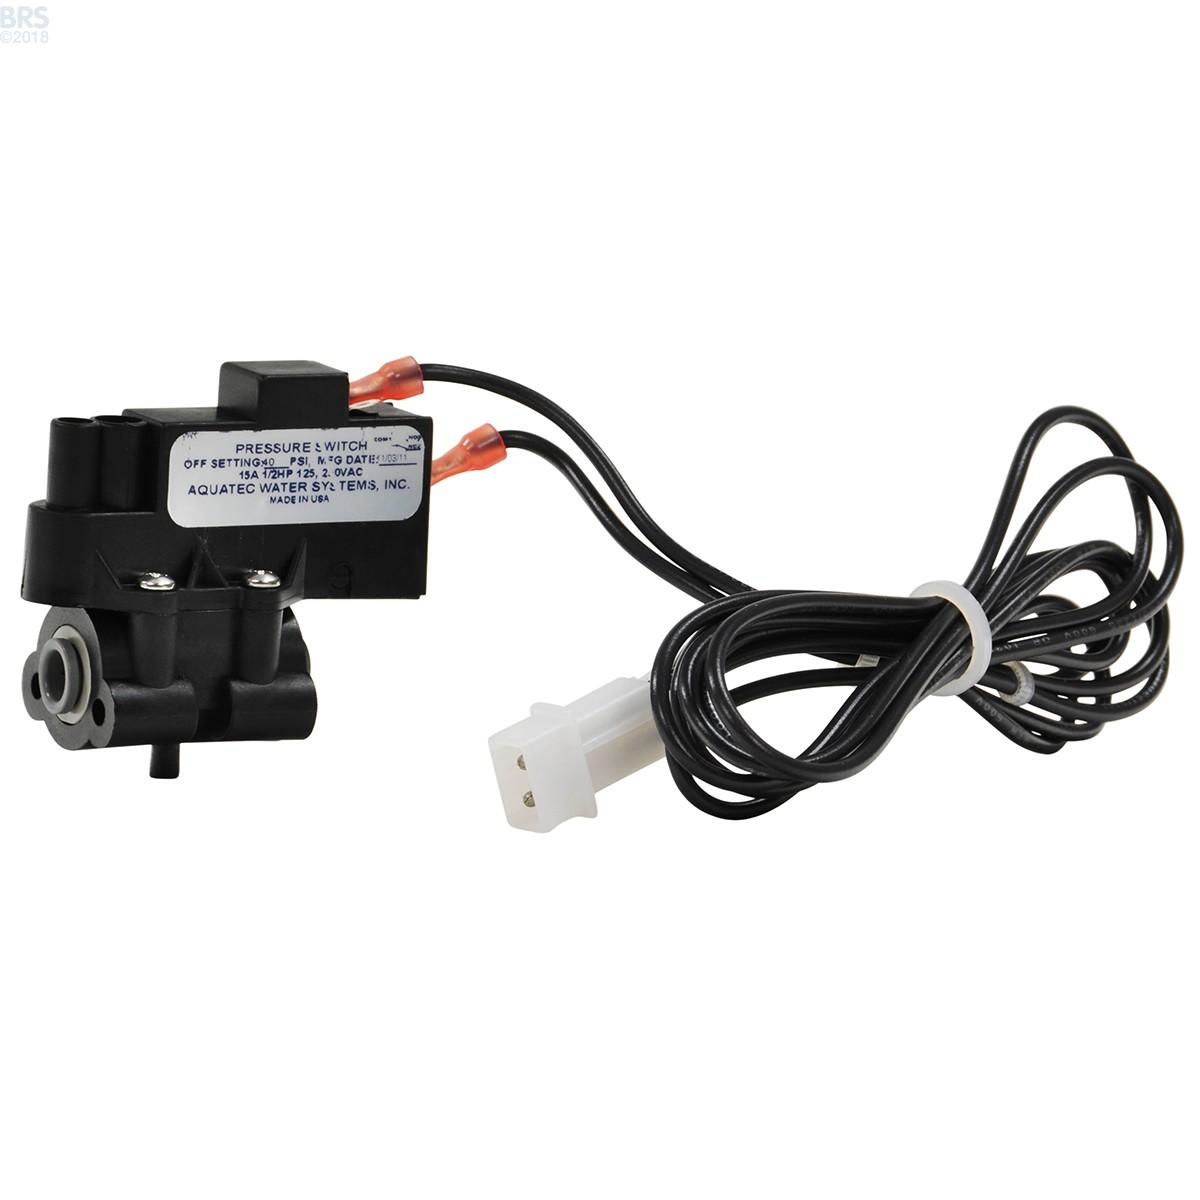 Aquatec 8800 Psw Pressure Switch 1 4 Quot Push Connect Bulk